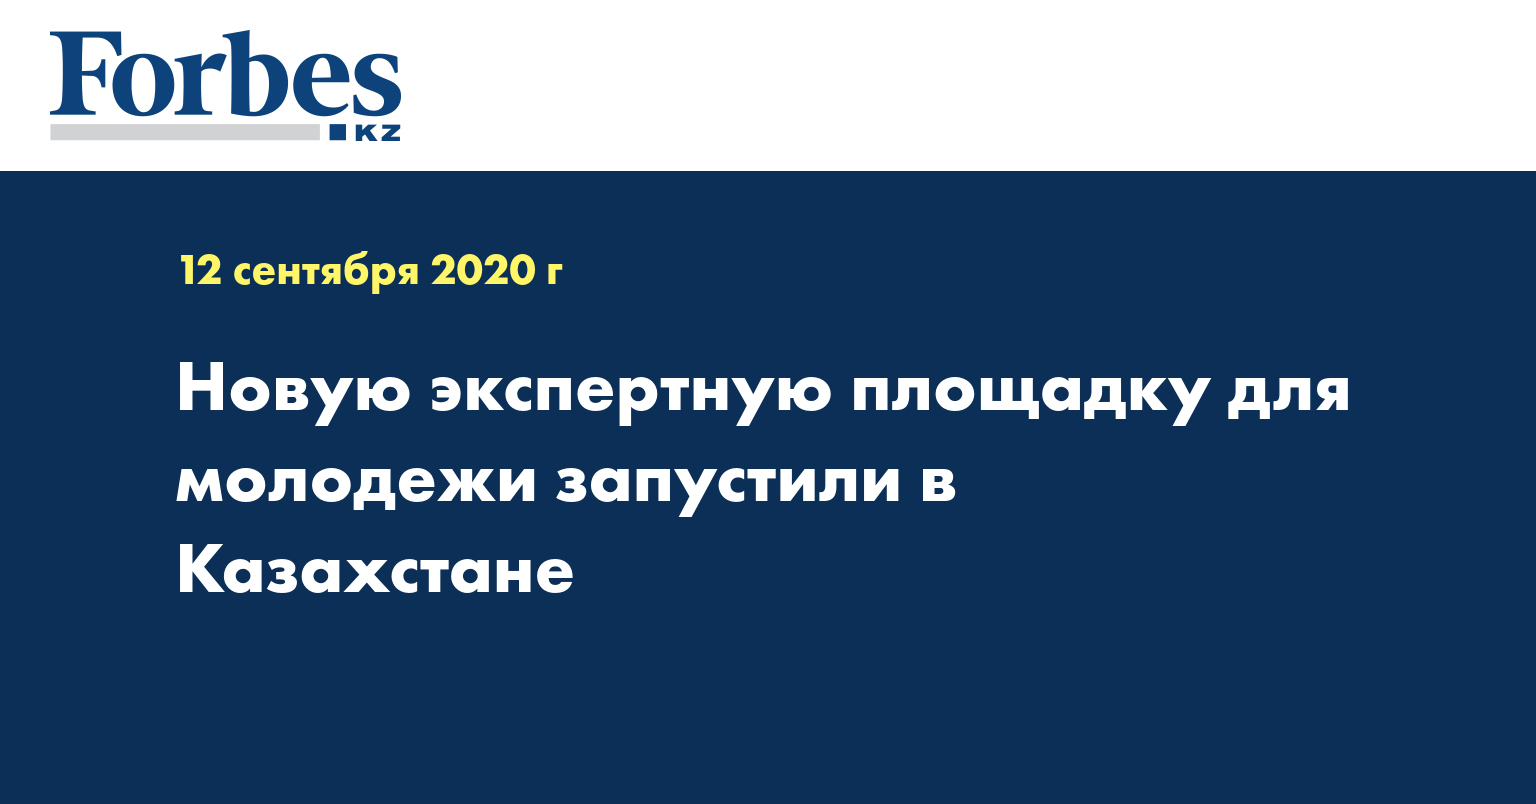 Новую экспертную площадку для молодежи запустили в Казахстане